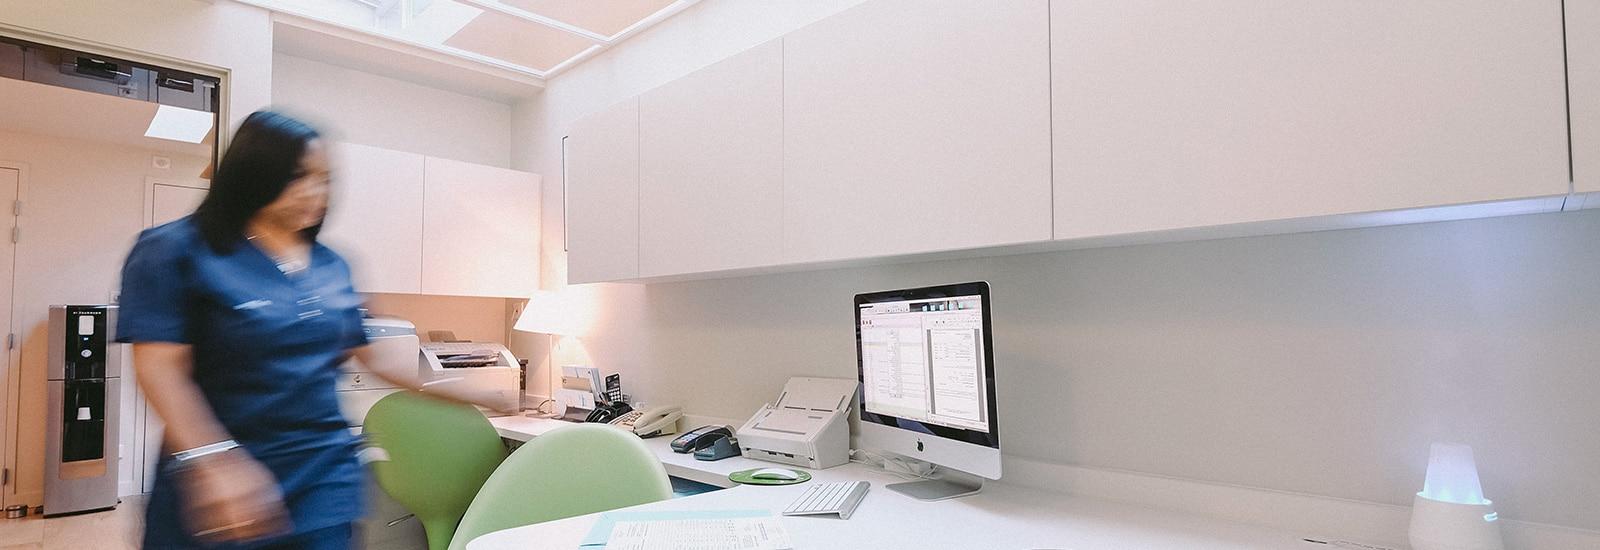 dentiste lyon 3 me chirurgien dentiste dr touati. Black Bedroom Furniture Sets. Home Design Ideas